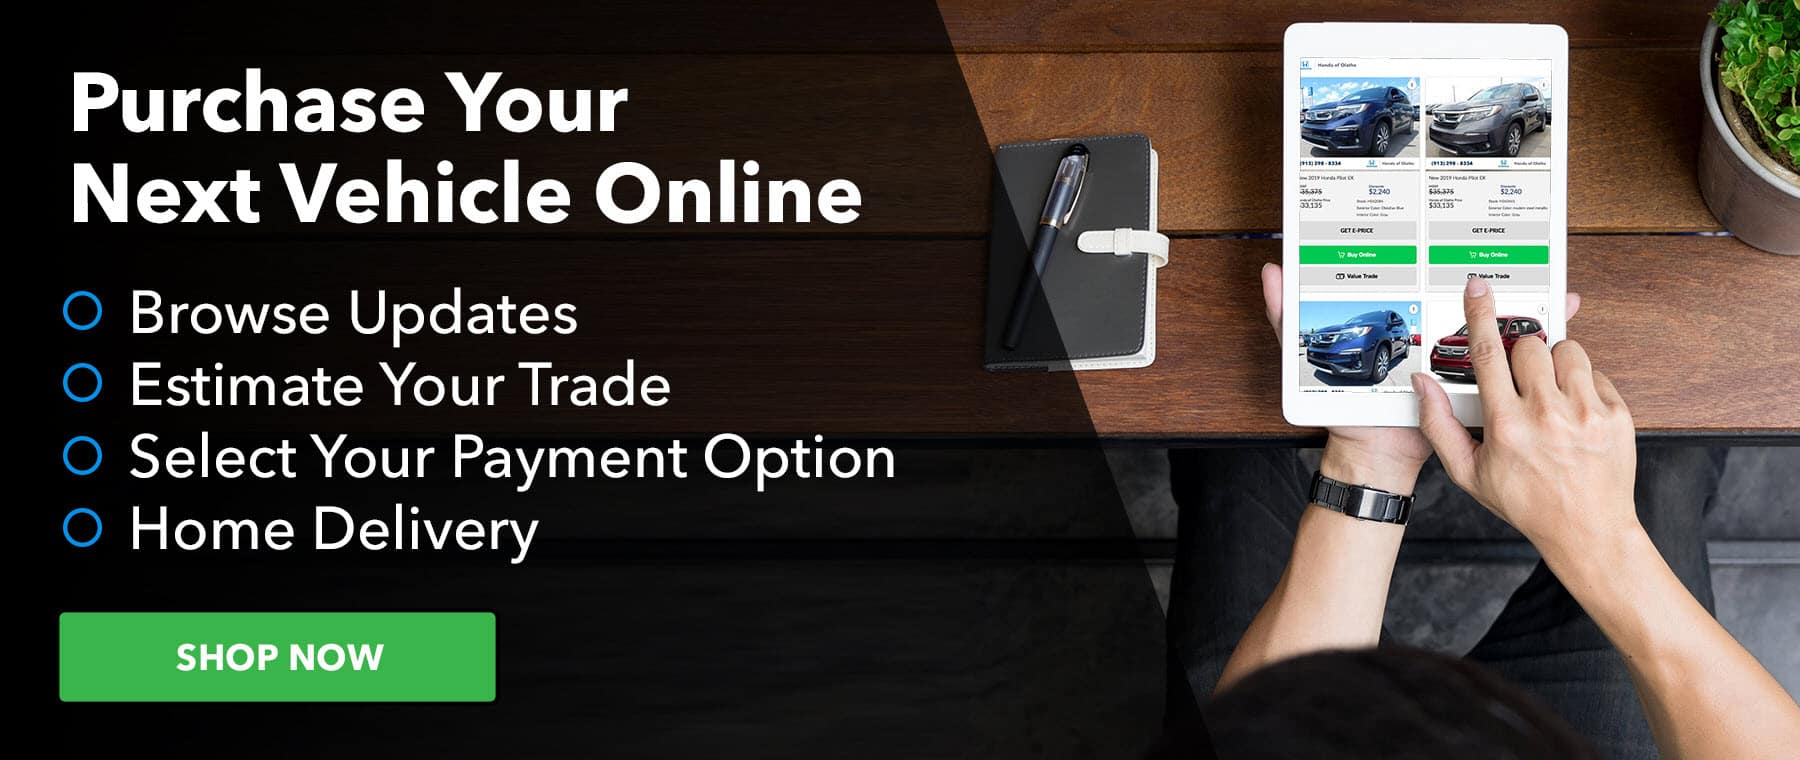 Buy Online at Honda of Olathe